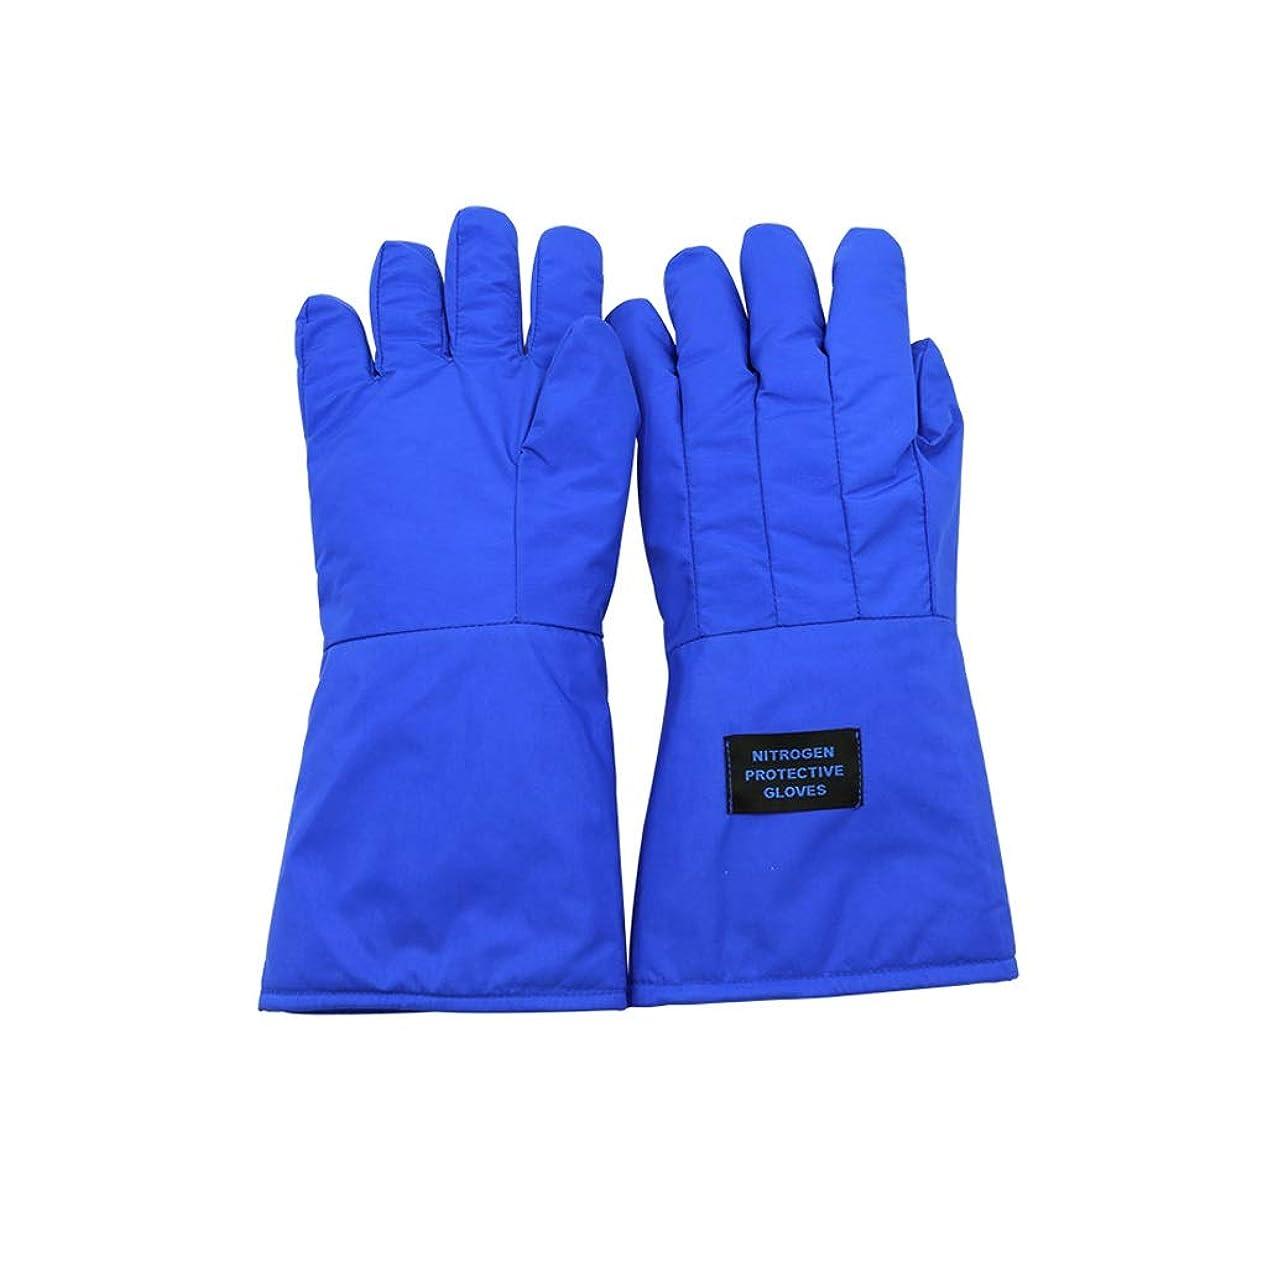 モデレータ流産レモンXJLXX ブルーの抗液体窒素手袋不凍液低温抗ドライアイス実験保冷手袋250度低温体防水手袋への耐性 工業用手袋